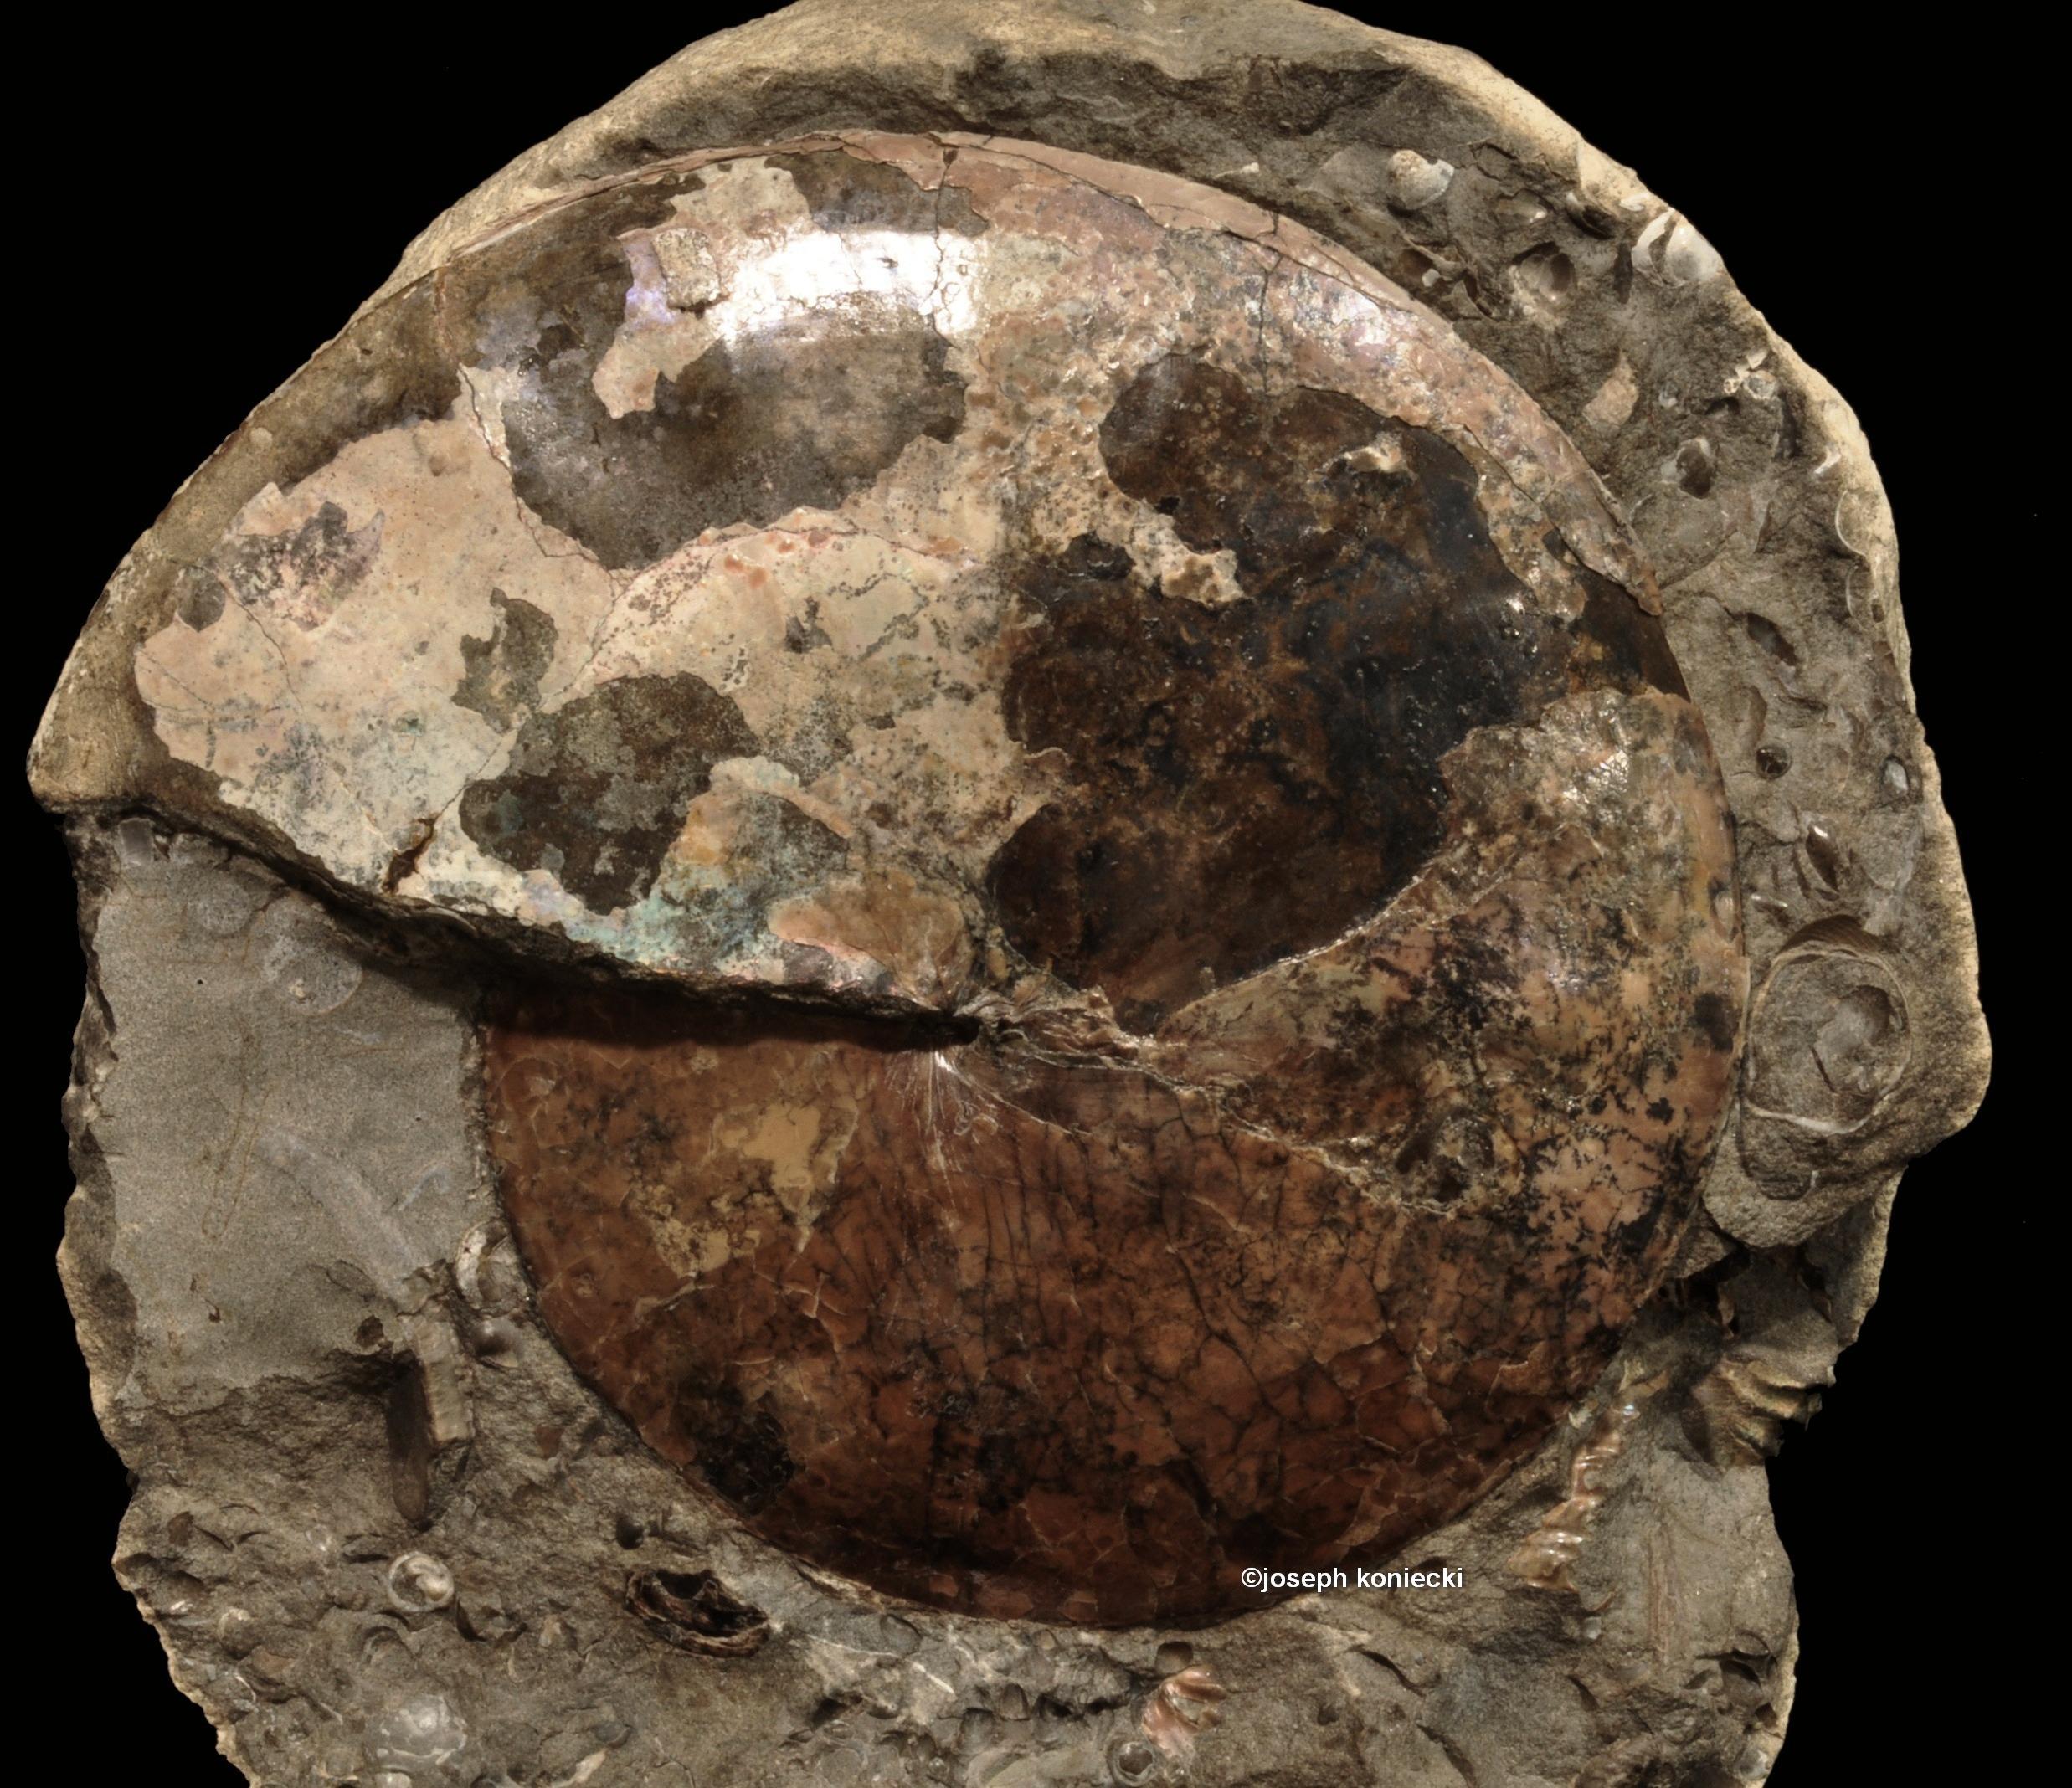 Sphenodiscus